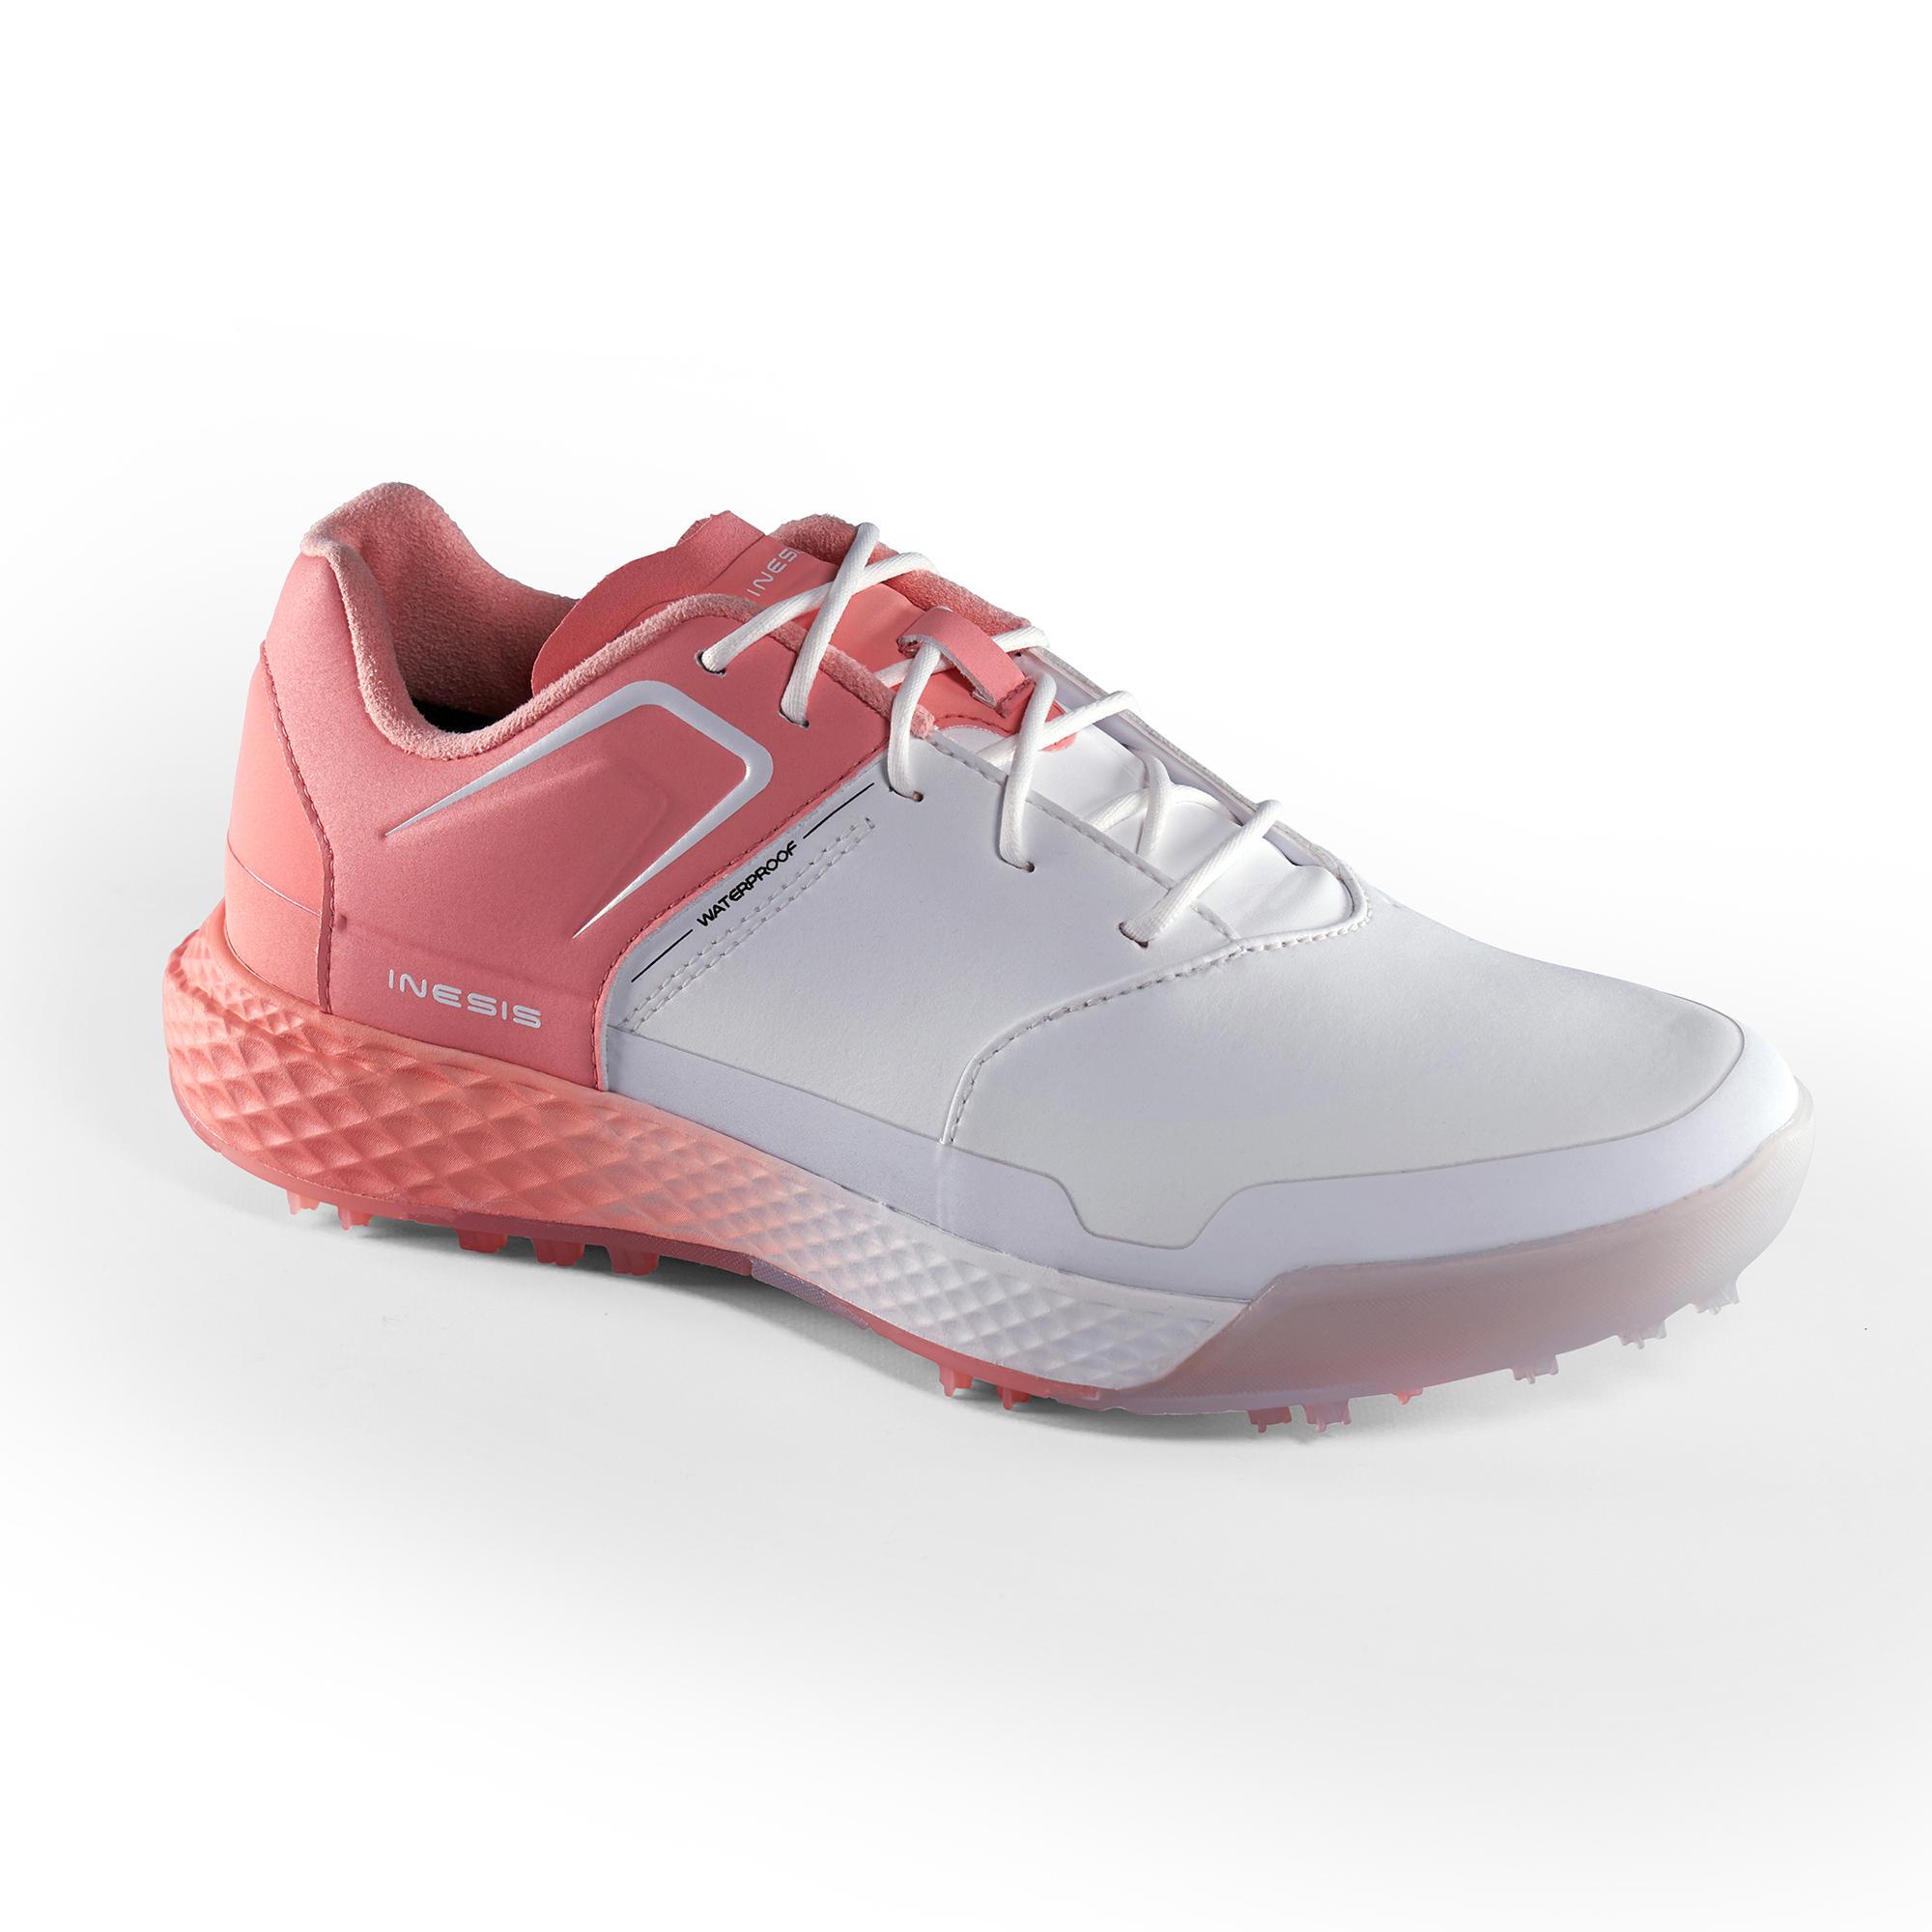 19e4568af85b5 Comprar zapatos y zapatillas de golf online